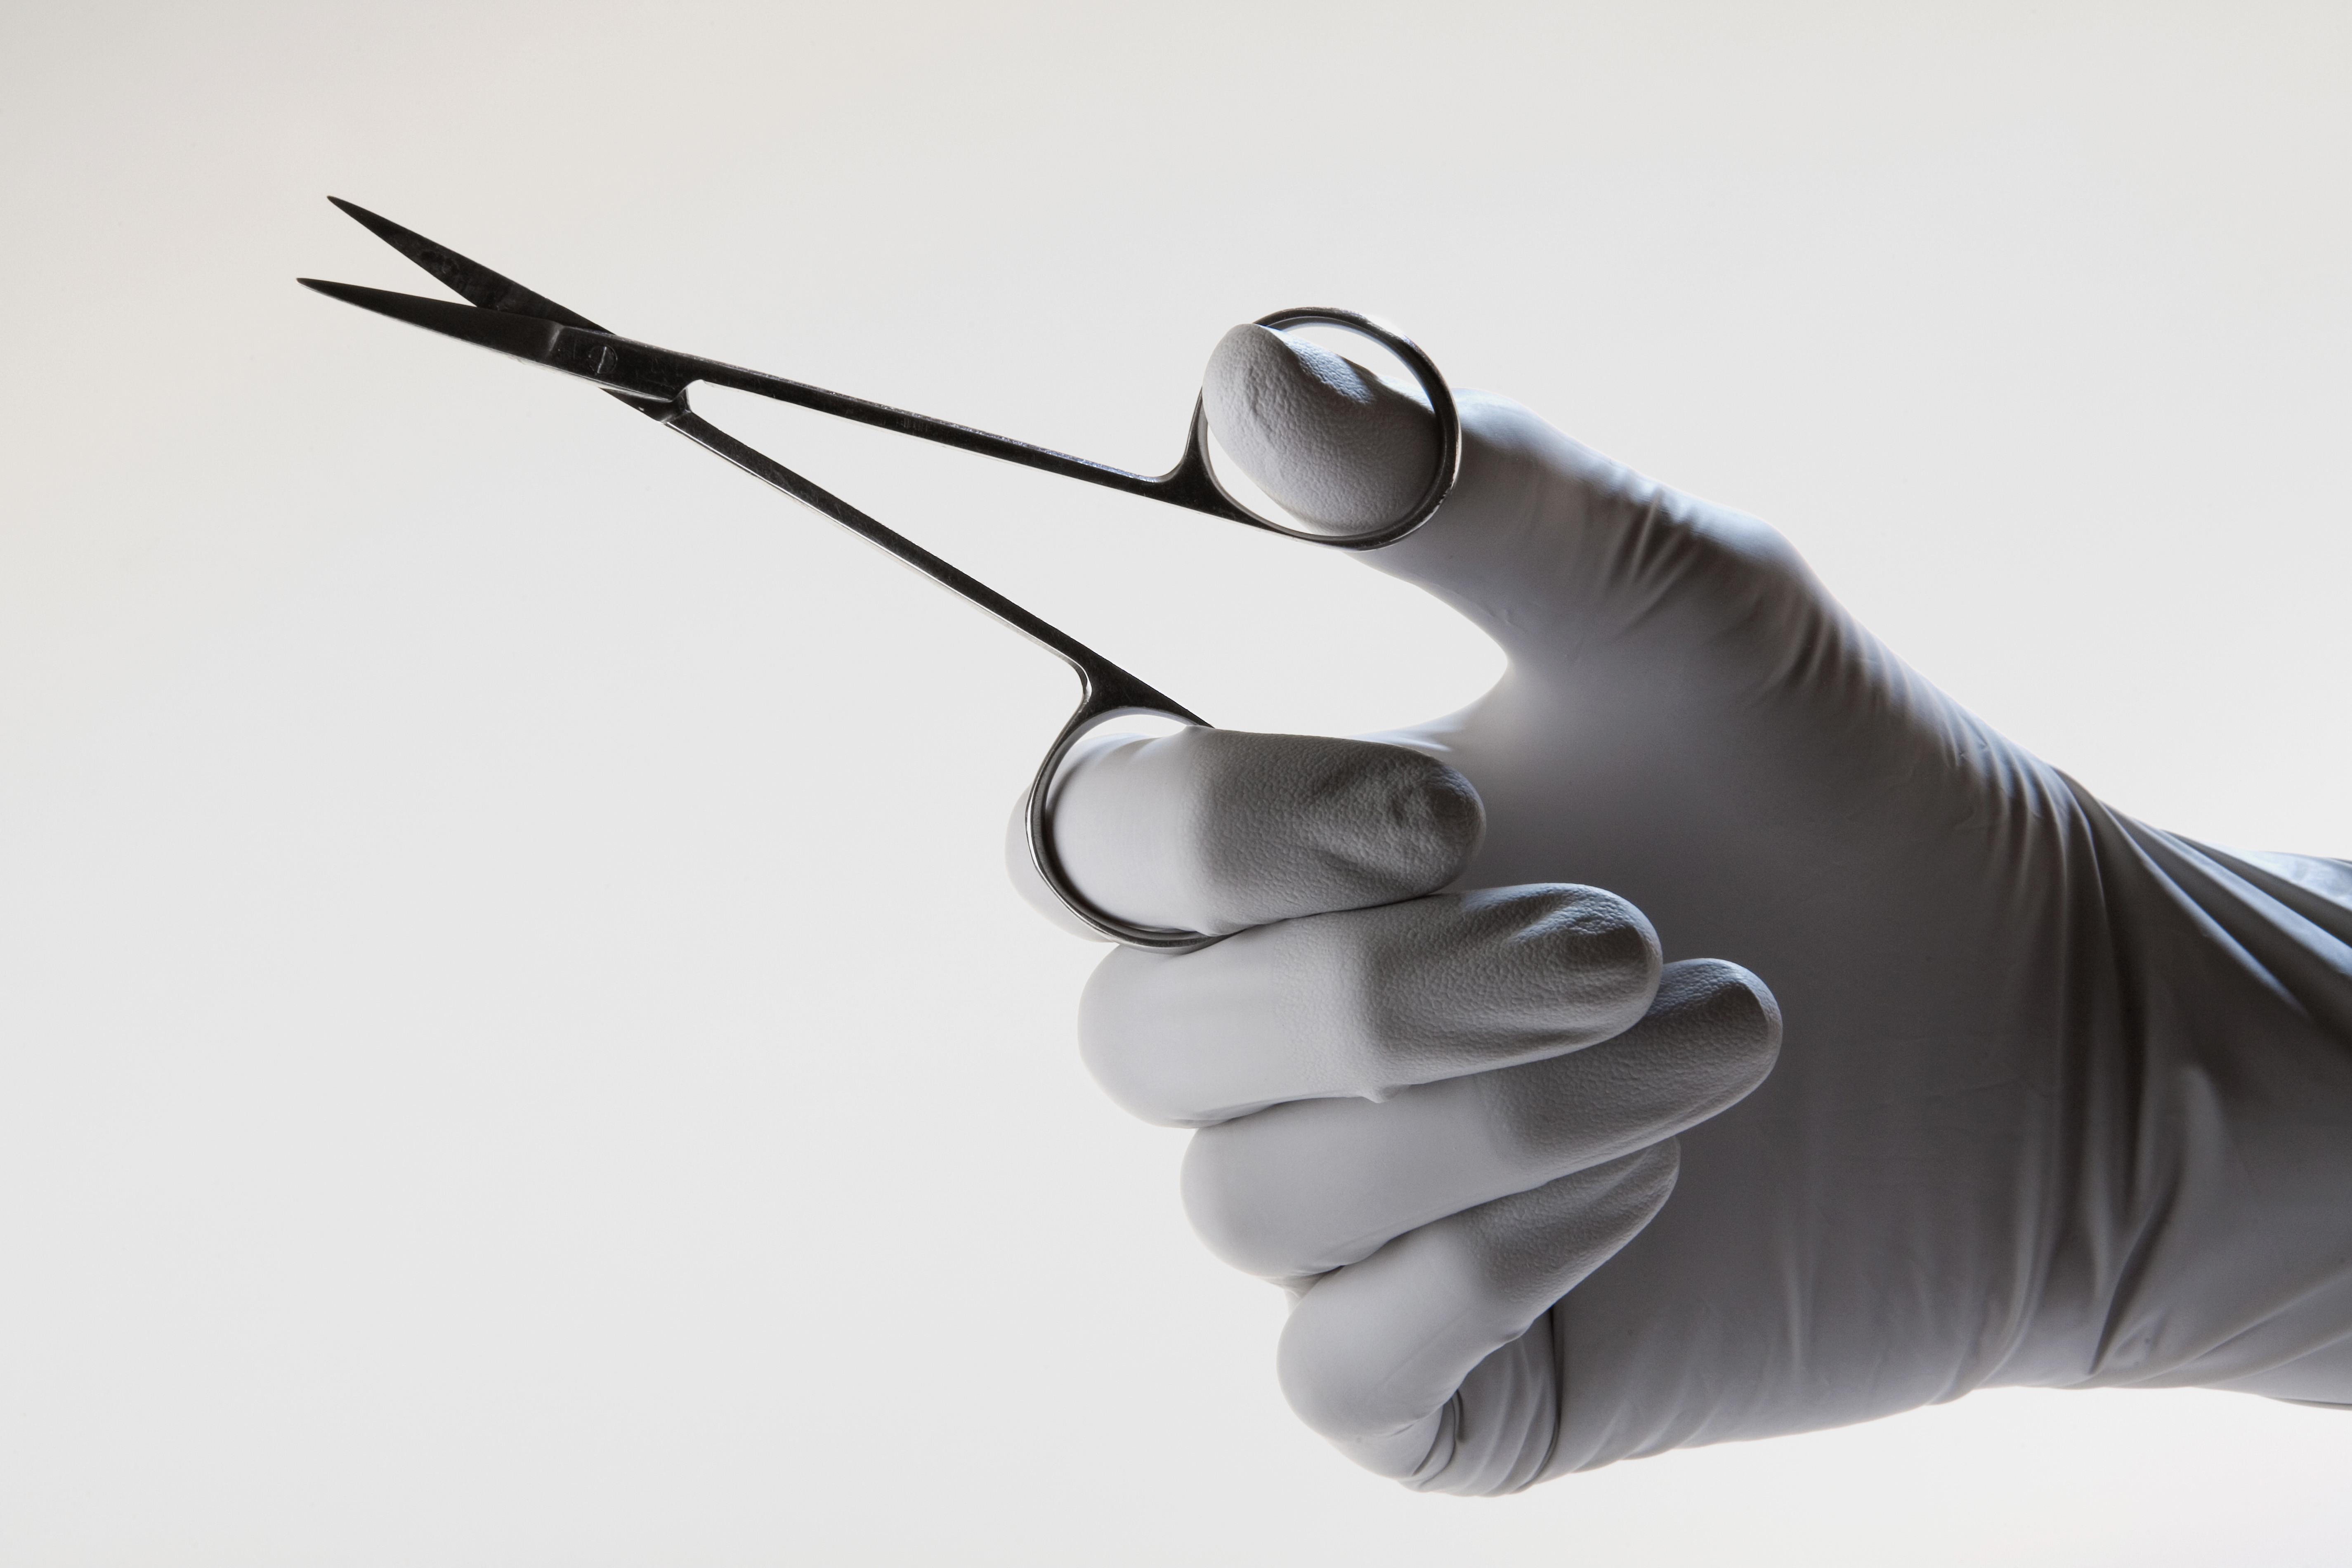 ▲剪刀,醫生,醫療剪刀,手術。(圖/達志/示意圖)